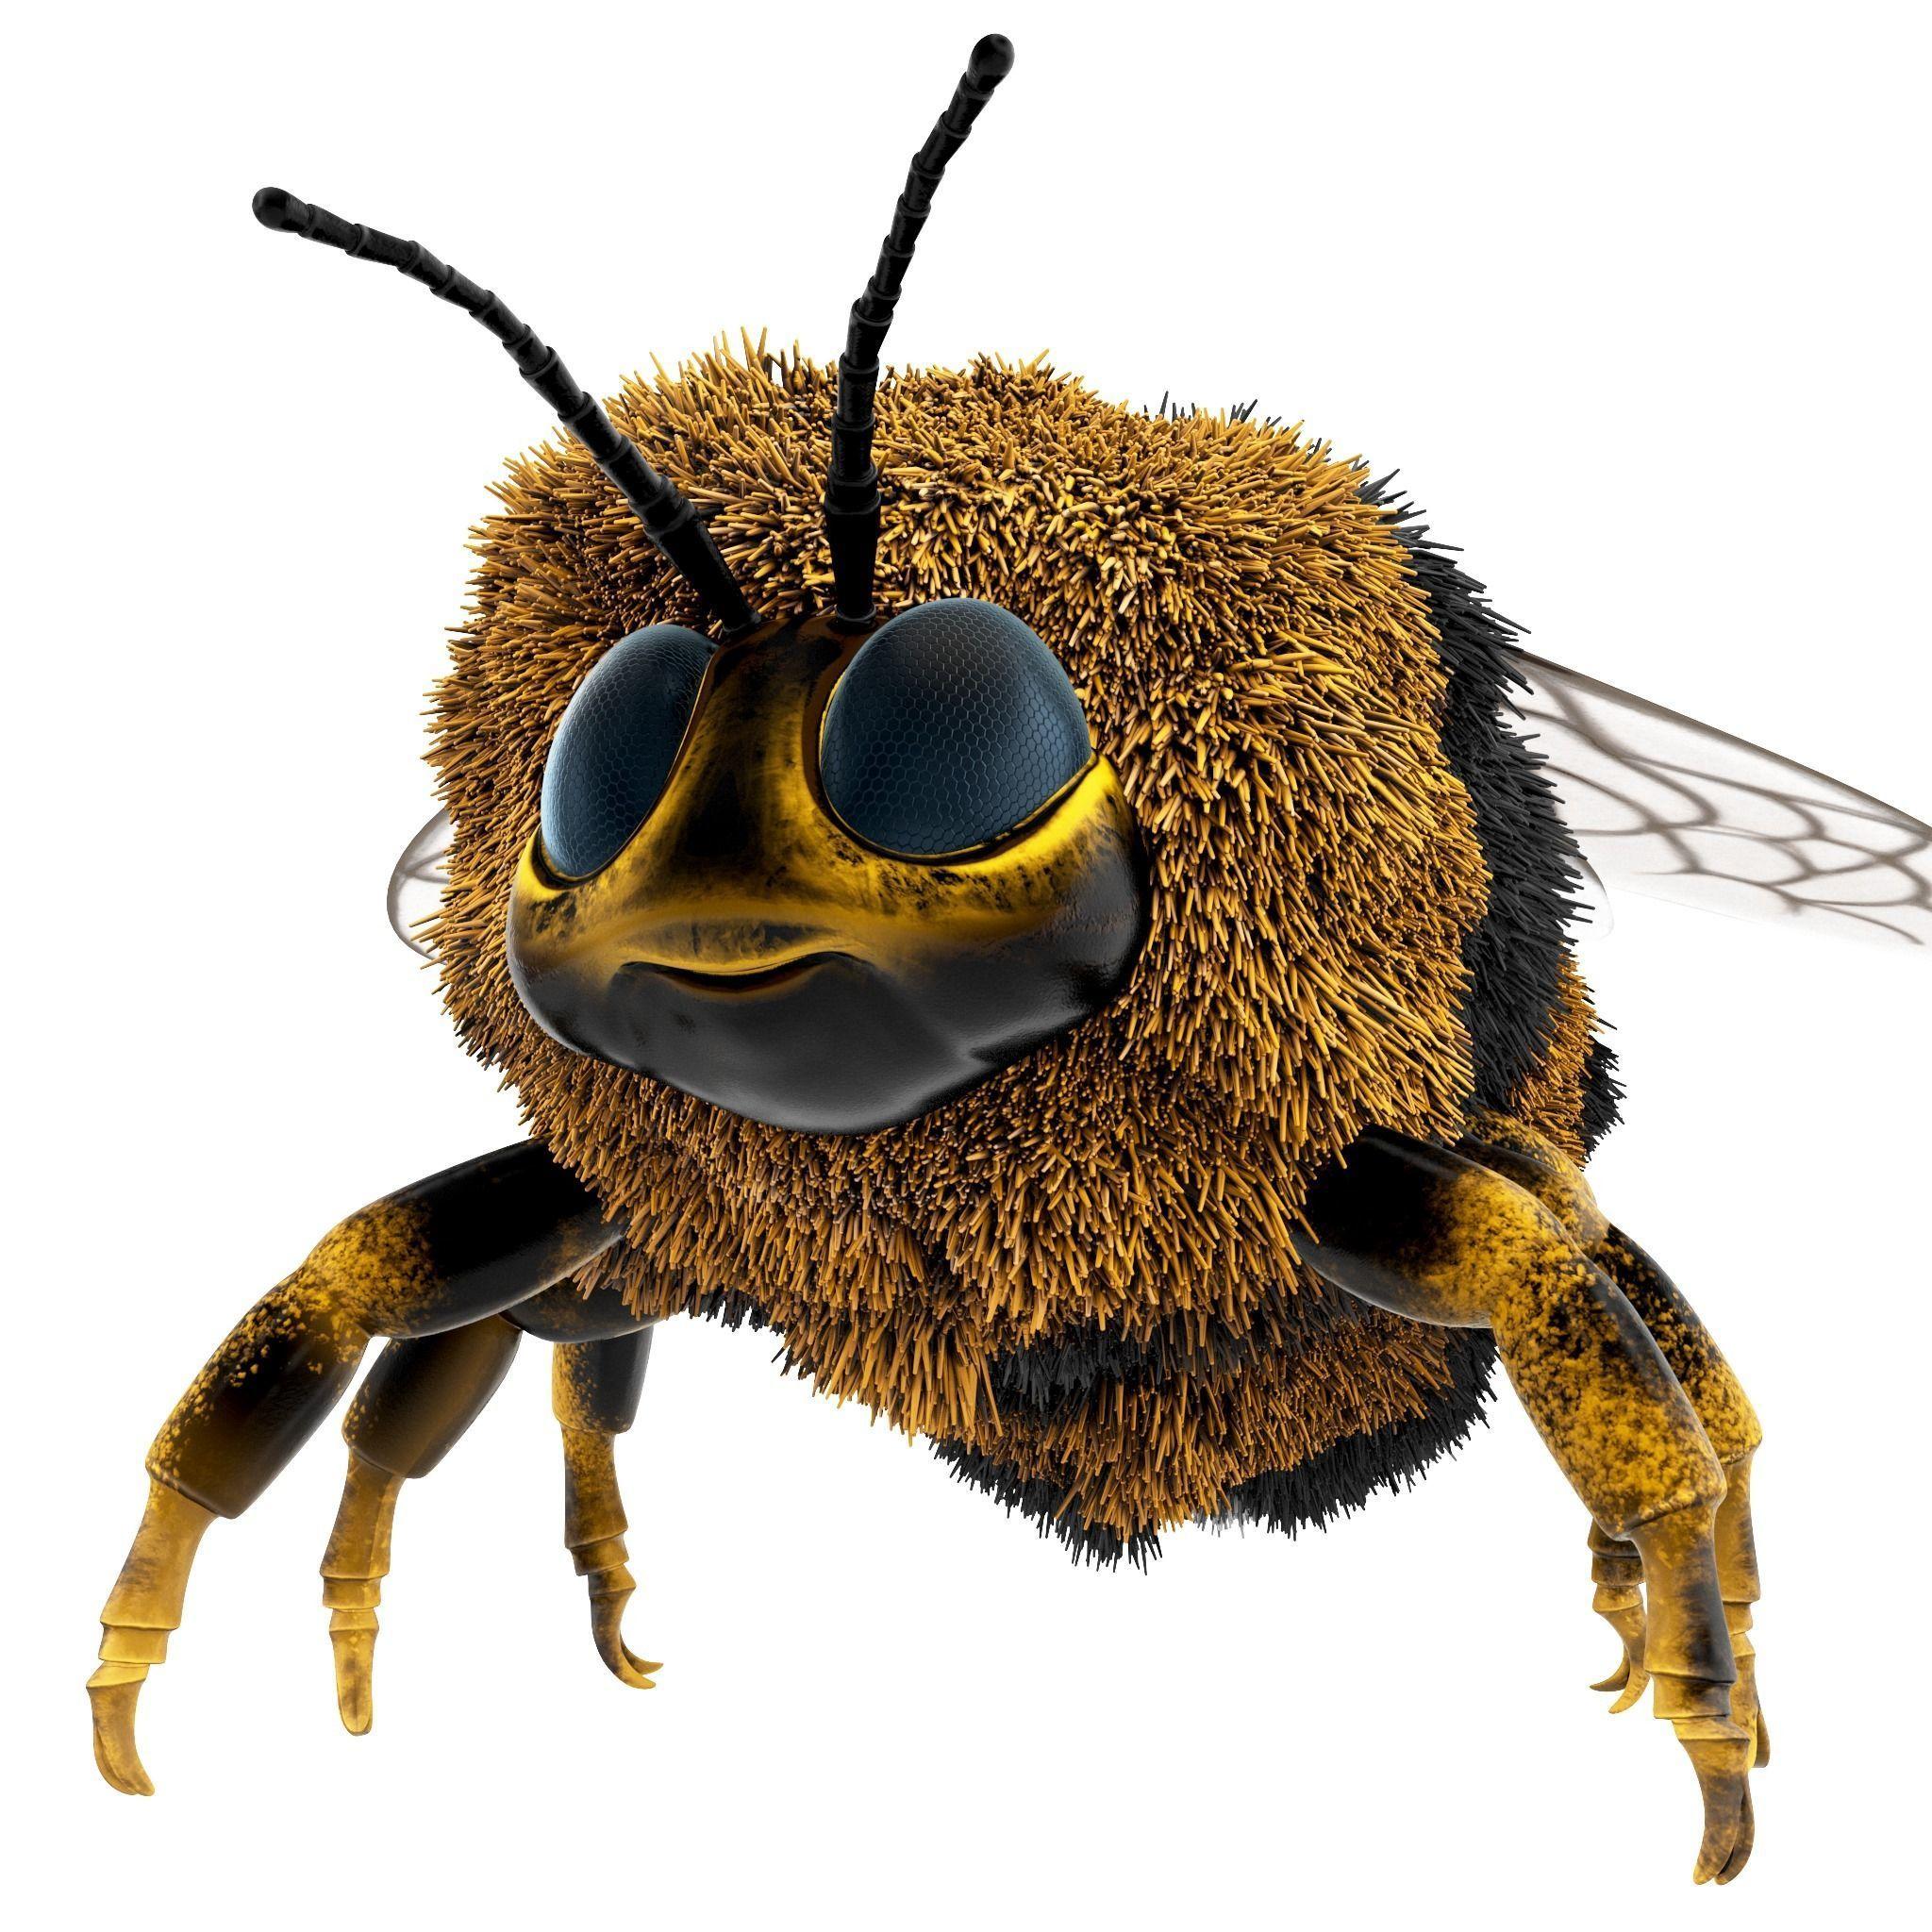 Bumblebee cartoon rigged animated